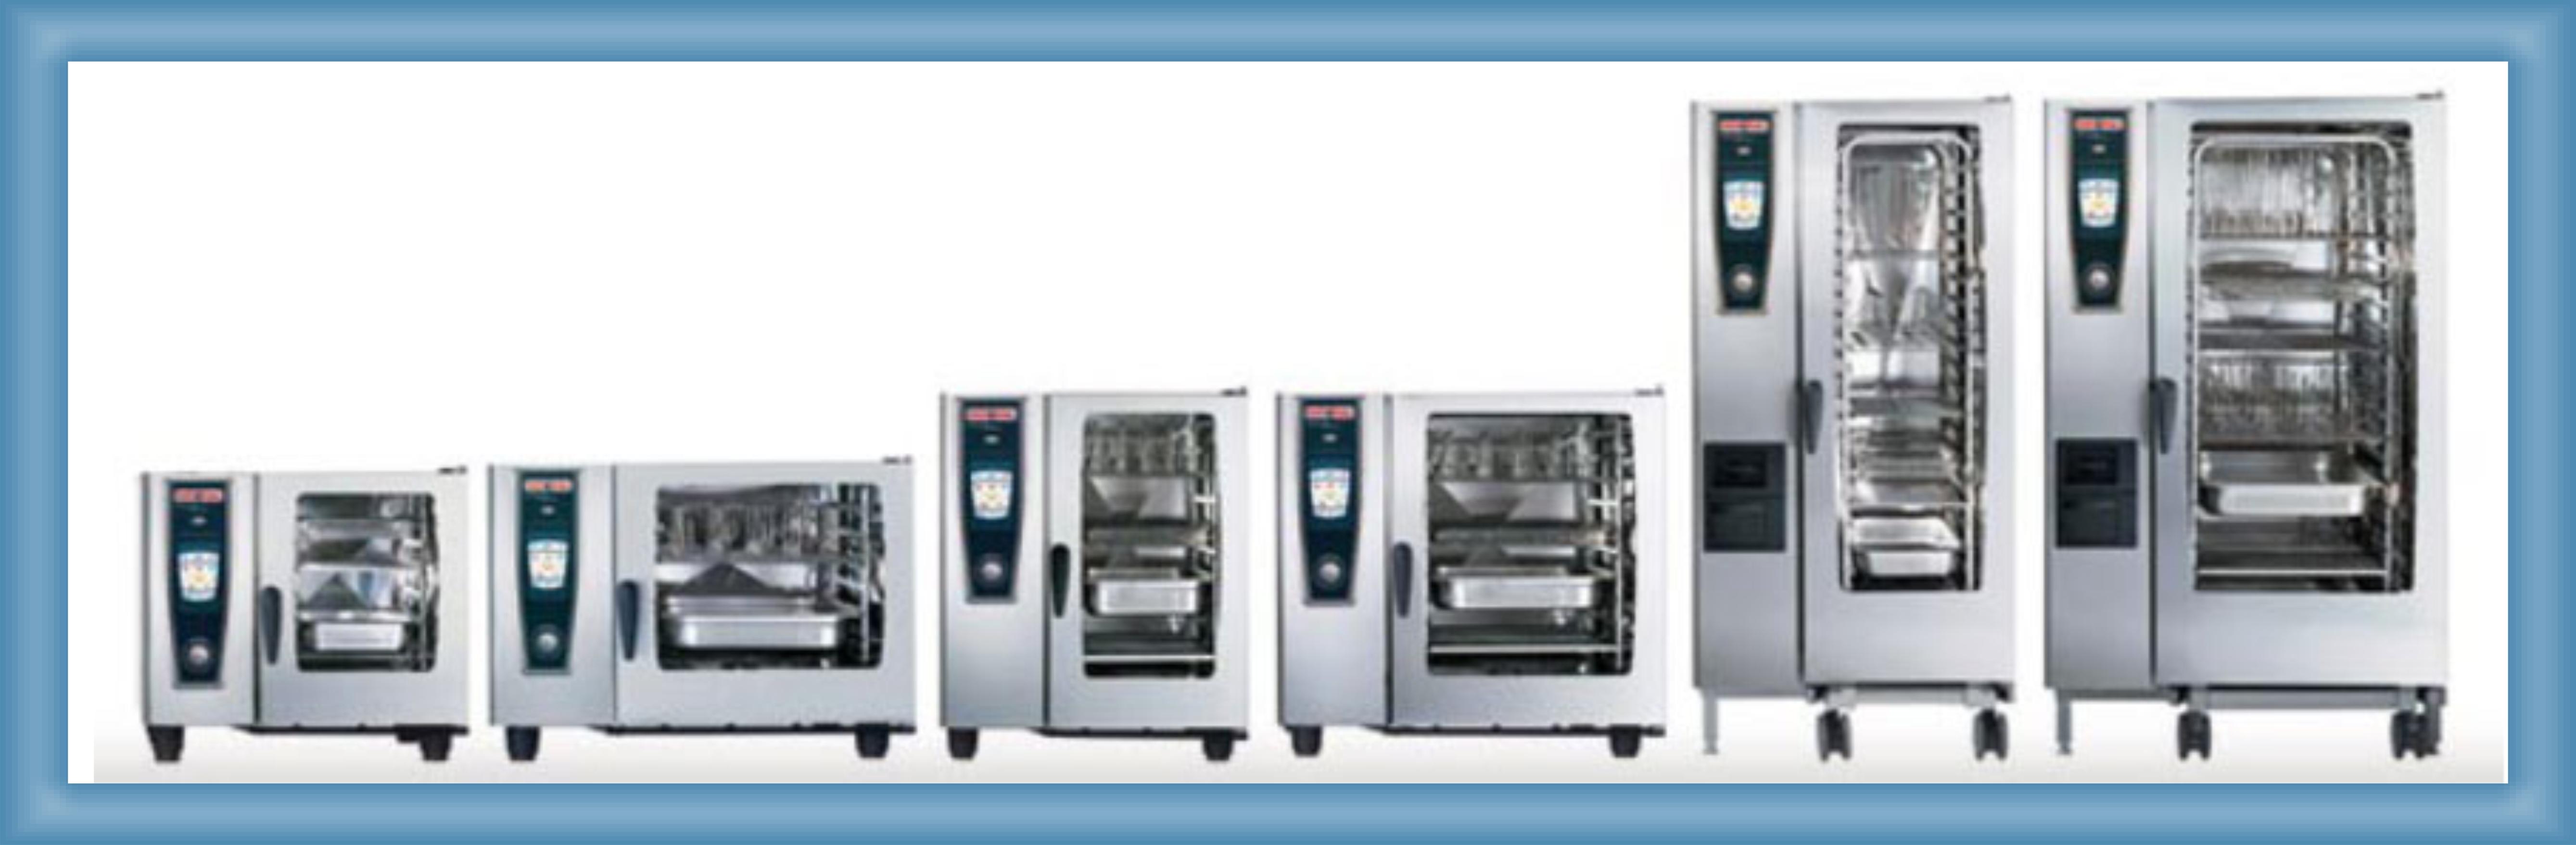 Rpl Servi Os T Cnicos Em Cozinhas Escolares E Industriais